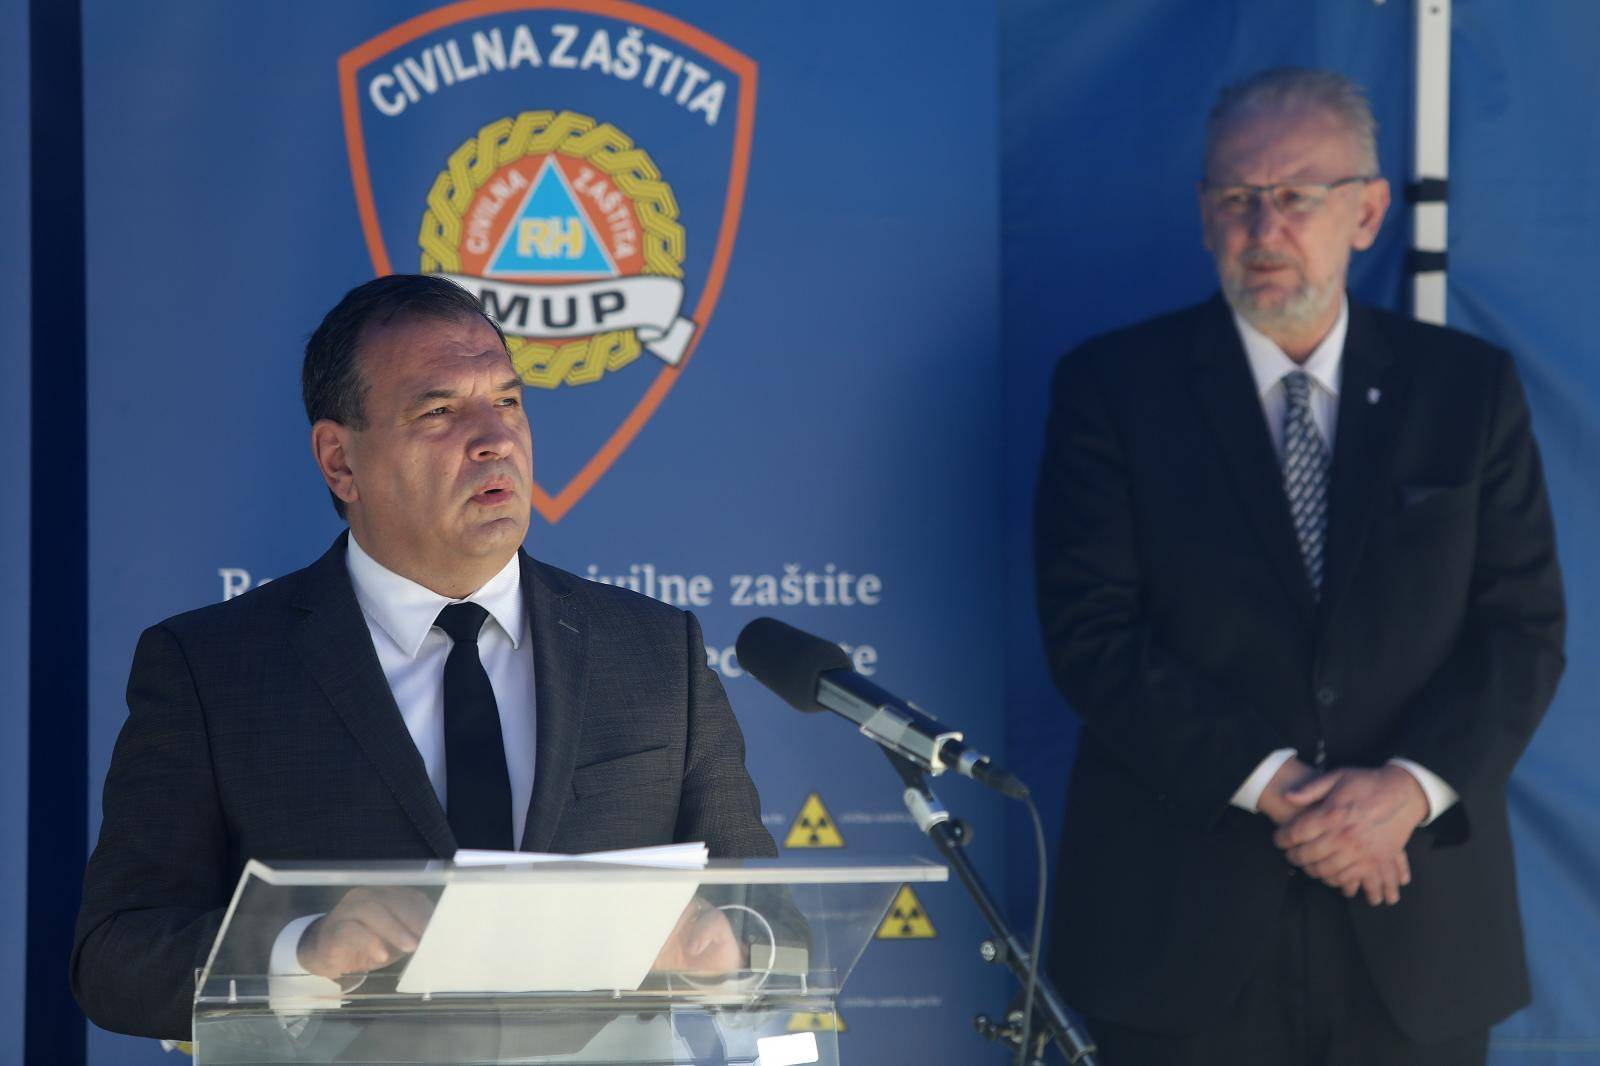 Nacionalni stozer civilne zastite odrzao je redovnu konferenciju